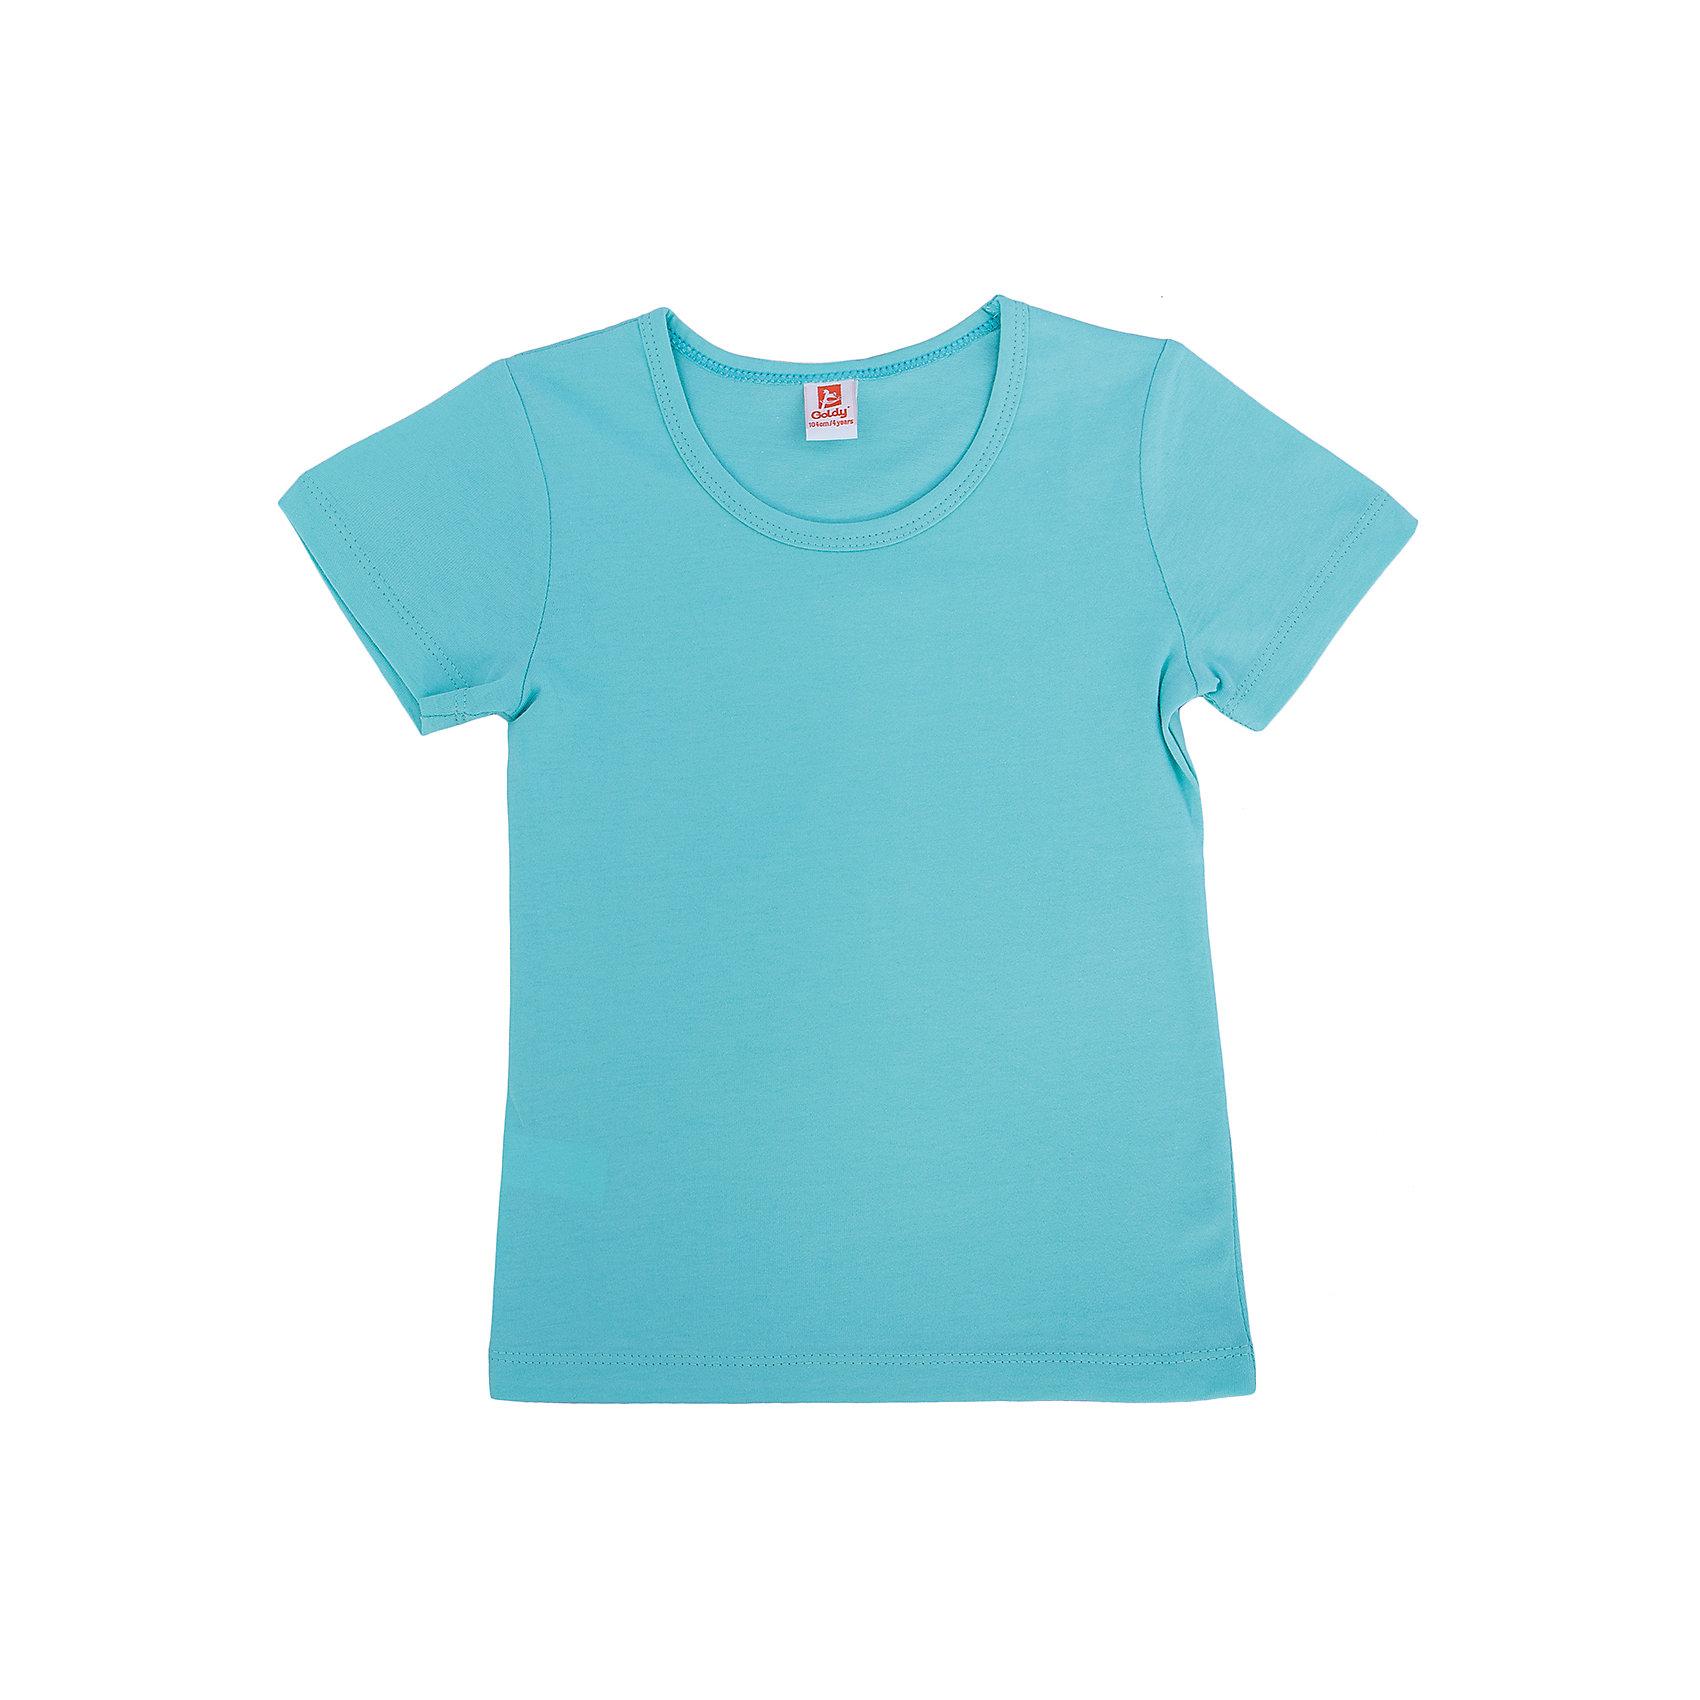 Футболка для девочки GoldyФутболки, поло и топы<br>Удобная универсальная футболка для девочки поможет разнообразить гардероб, создать подходящий погоде ансамбль. Удобный крой и качественный материал обеспечат ребенку комфорт при ношении изделия. <br>Футболка смотрится аккуратно, хорошо сидит по фигуре. Яркий цвет делает ее акцентом в наряде. Материал - легкий, но прочный, отлично подходит для детской одежды, состоит  из дышащего натурального хлопка. Очень приятен на ощупь, не вызывает аллергии.<br><br>Дополнительная информация:<br><br>материал: 100% хлопок;<br>цвет: зеленый;<br>круглый горловой вырез;<br>короткие рукава.<br><br>Футболку для девочки от бренда Goldy (Голди) можно купить в нашем магазине.<br><br>Ширина мм: 199<br>Глубина мм: 10<br>Высота мм: 161<br>Вес г: 151<br>Цвет: мятный<br>Возраст от месяцев: 18<br>Возраст до месяцев: 24<br>Пол: Женский<br>Возраст: Детский<br>Размер: 92,98,104,110,116,122<br>SKU: 4793749